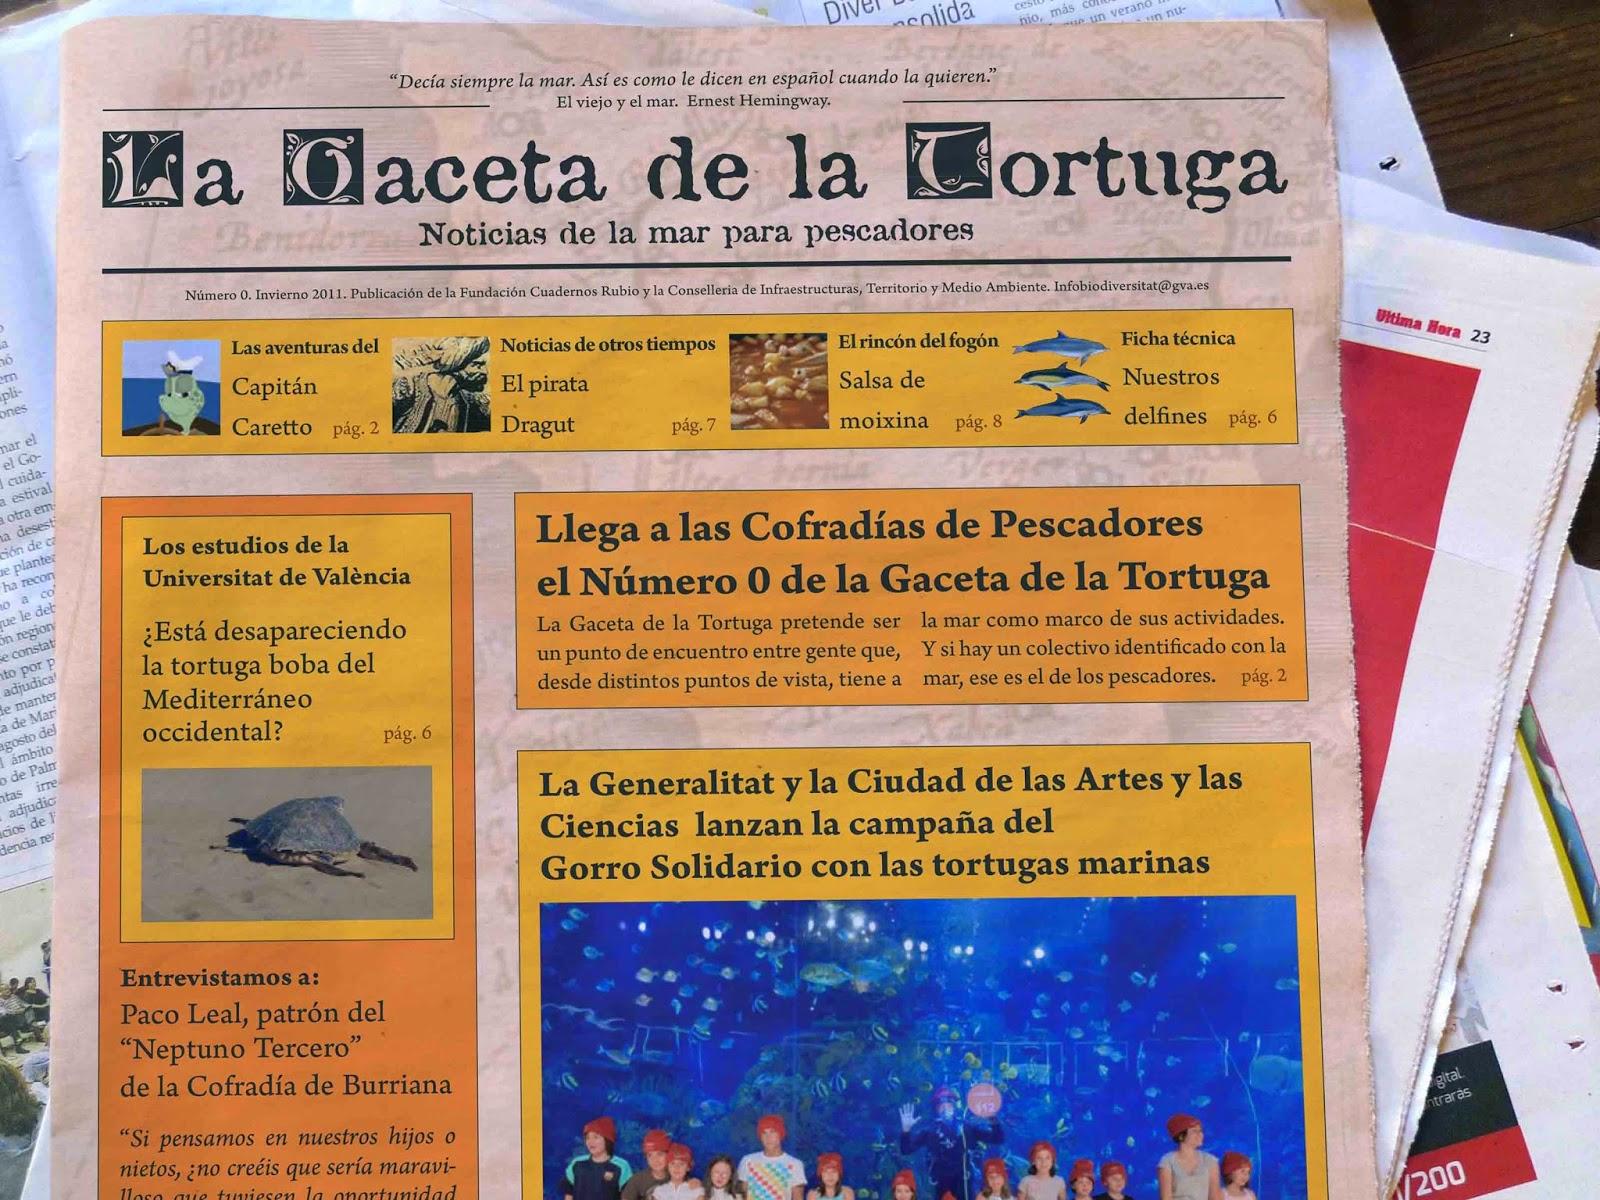 periódicos y la Gaceta de la tortuga